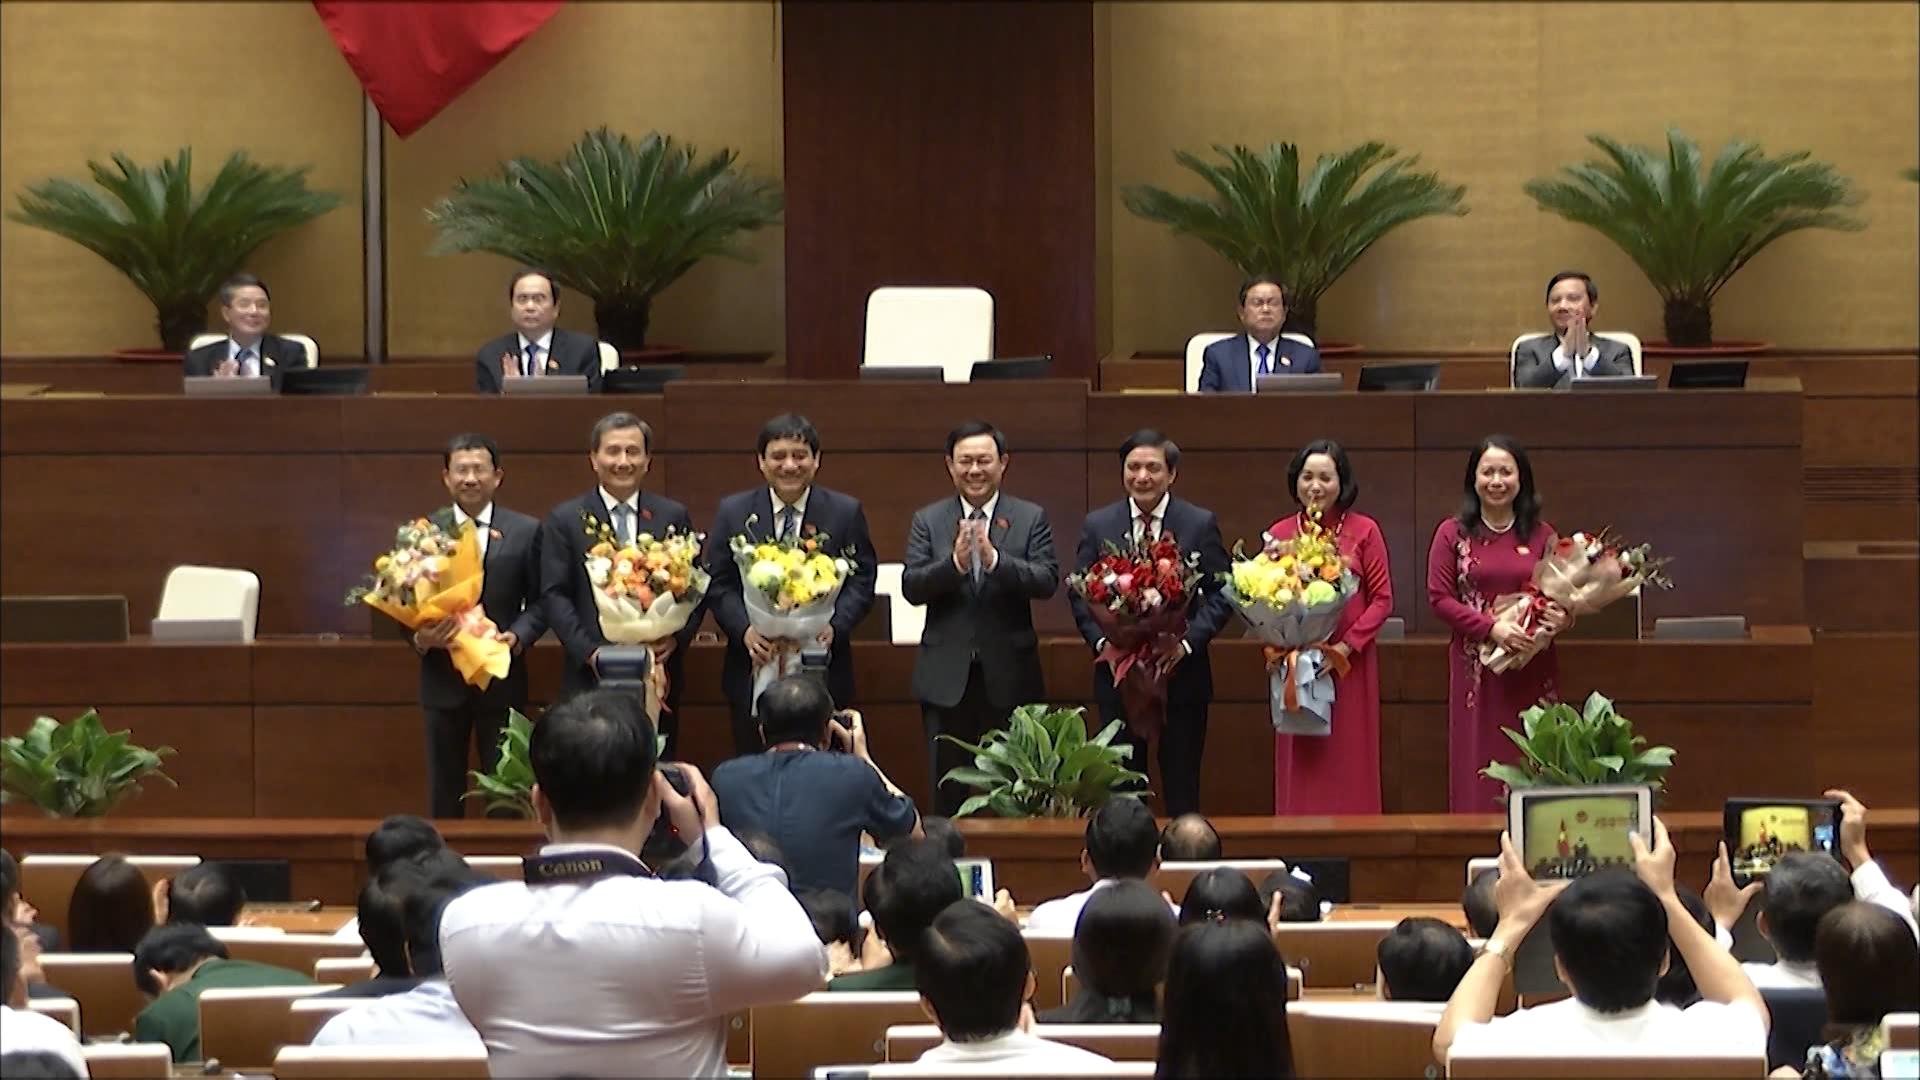 Chủ tịch Quốc hội Vương Đình Huệ tặng hoa chúc mừng tân Phó Chủ tịch nước và các Uỷ viên Ủy ban Thường vụ Quốc hội